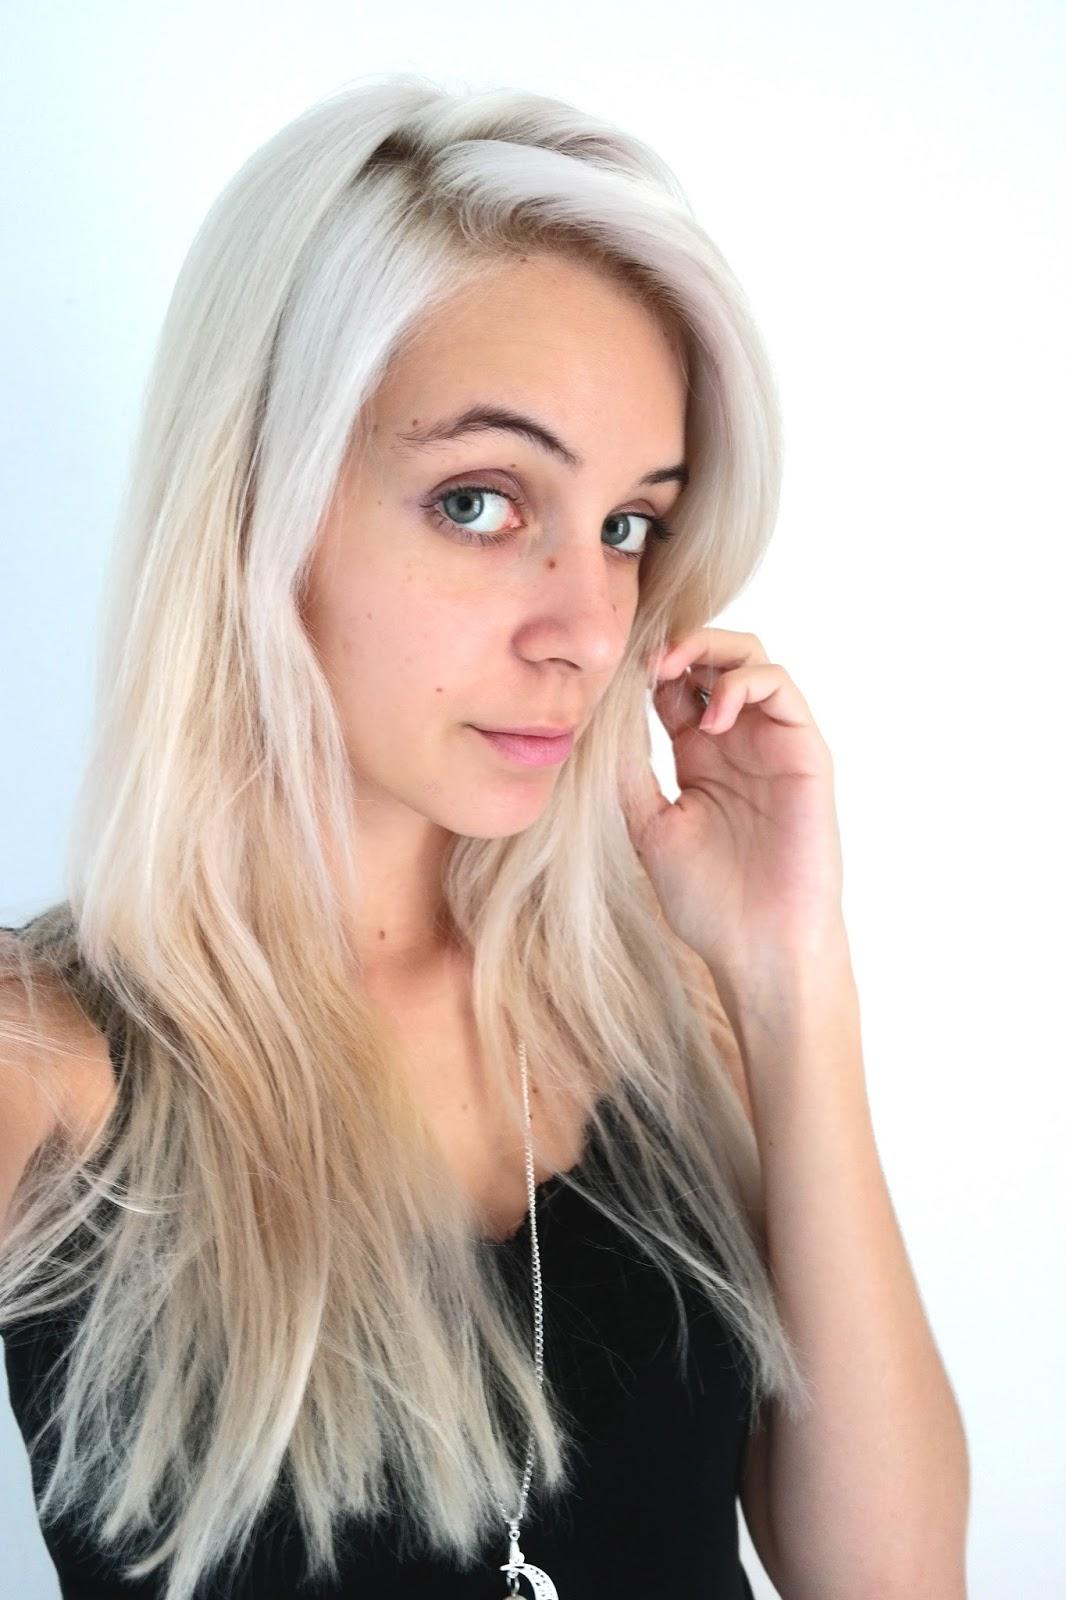 couleur cheveux blond argente coupes de cheveux et coiffures. Black Bedroom Furniture Sets. Home Design Ideas